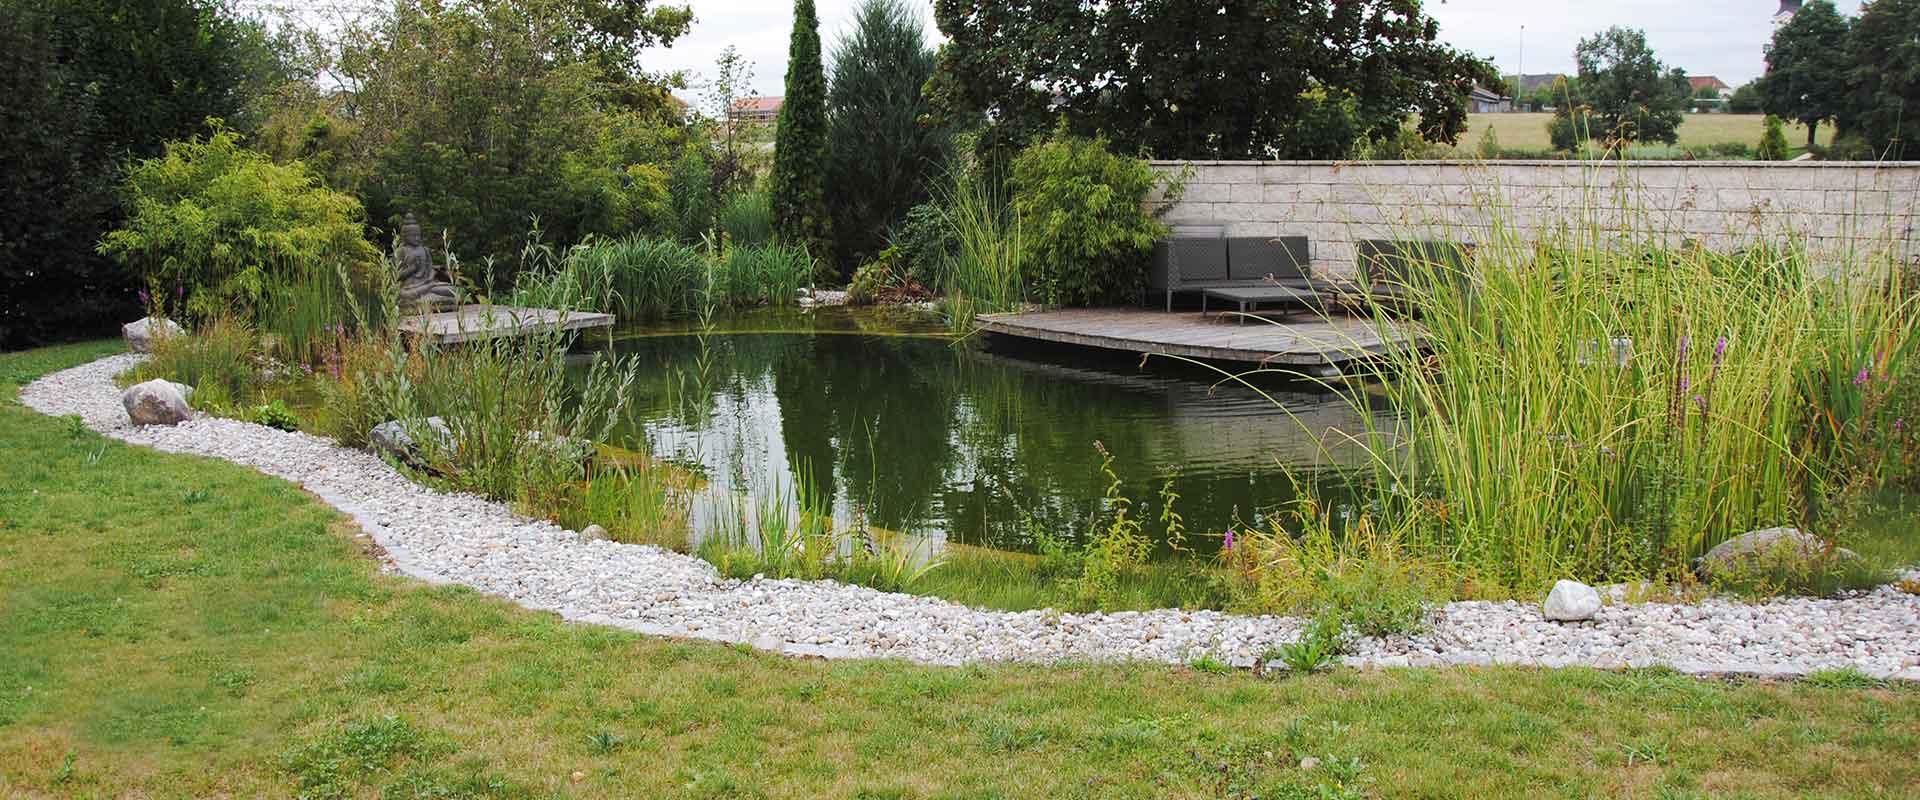 martin-haeringer-gartenbau-landschaftsbau-schwimmteich-header-03